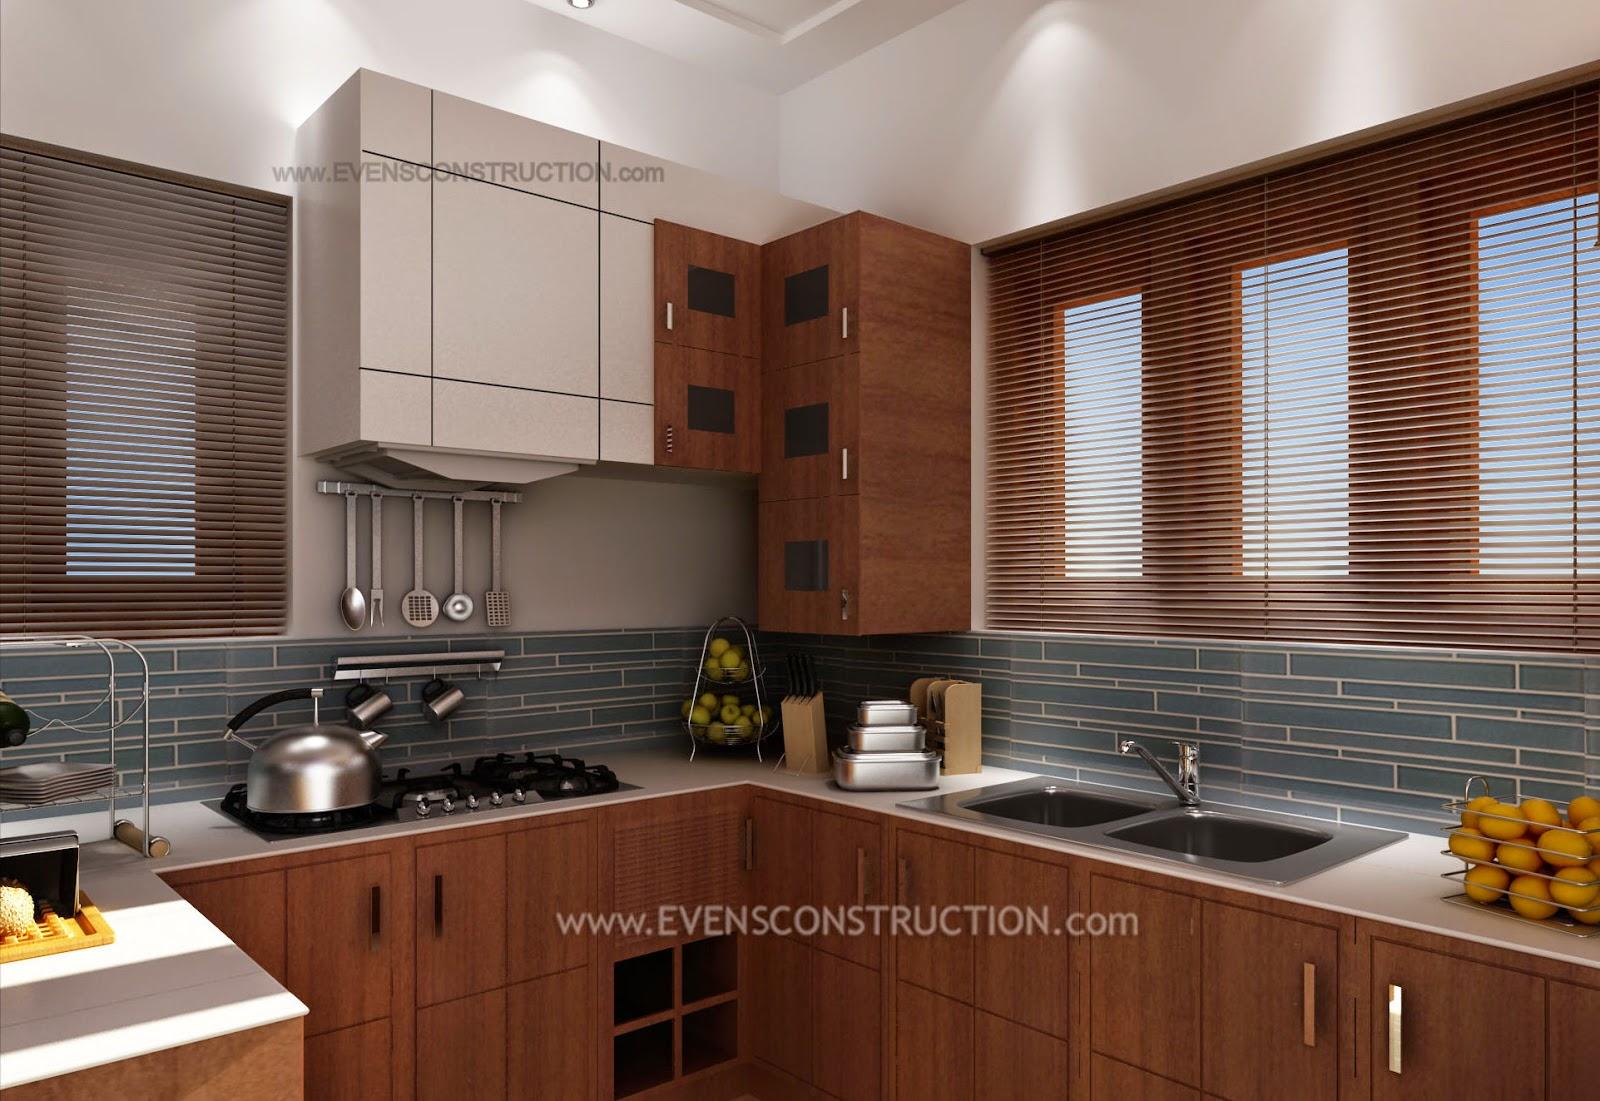 Evens Construction Pvt Ltd October 2014